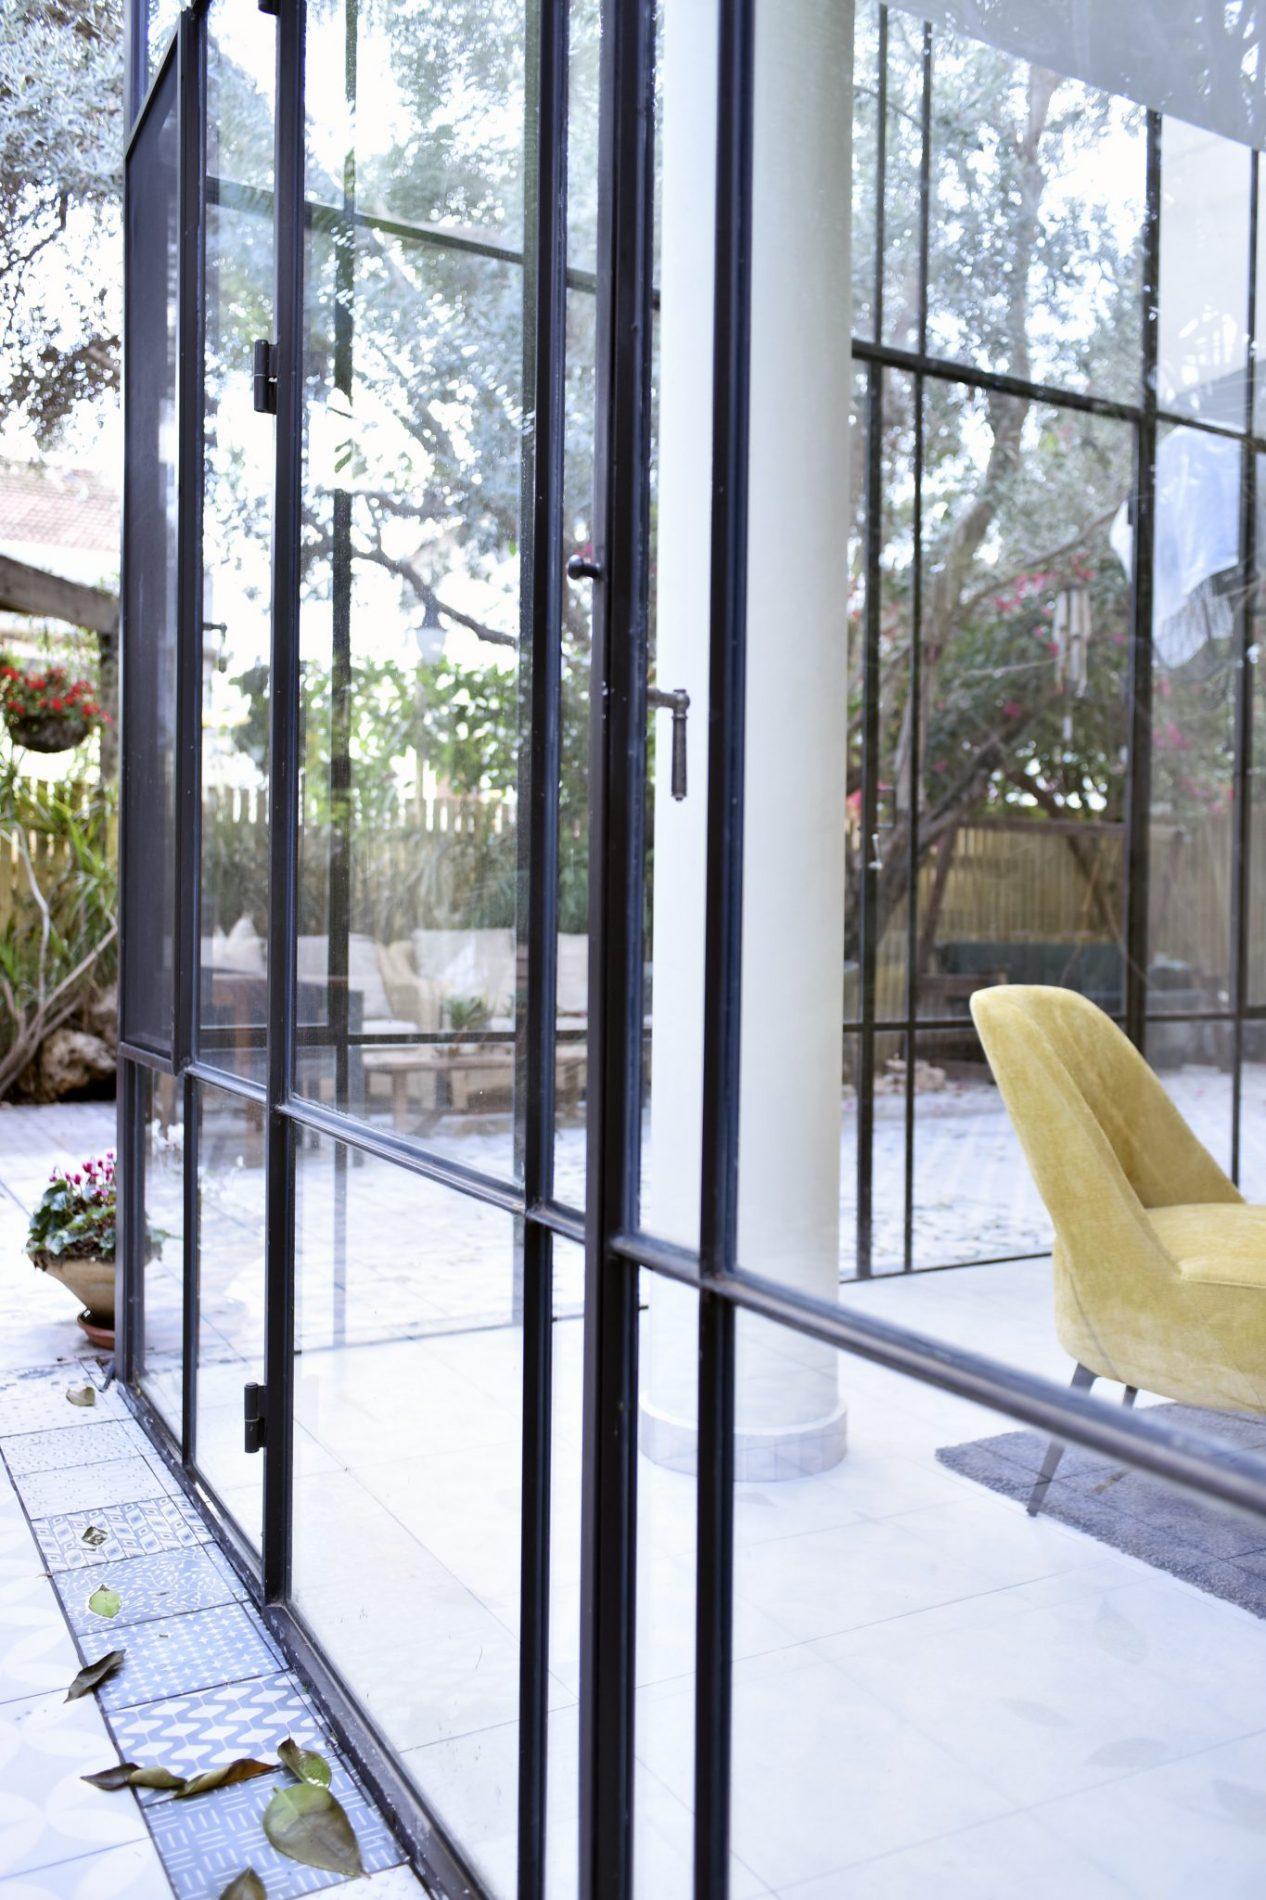 קוביית זכוכית נוצרת מחיבור של שתי ויטרינות פרופיל בלגי בפינת הבית – פרוייקט ארטפרו באור יהודה